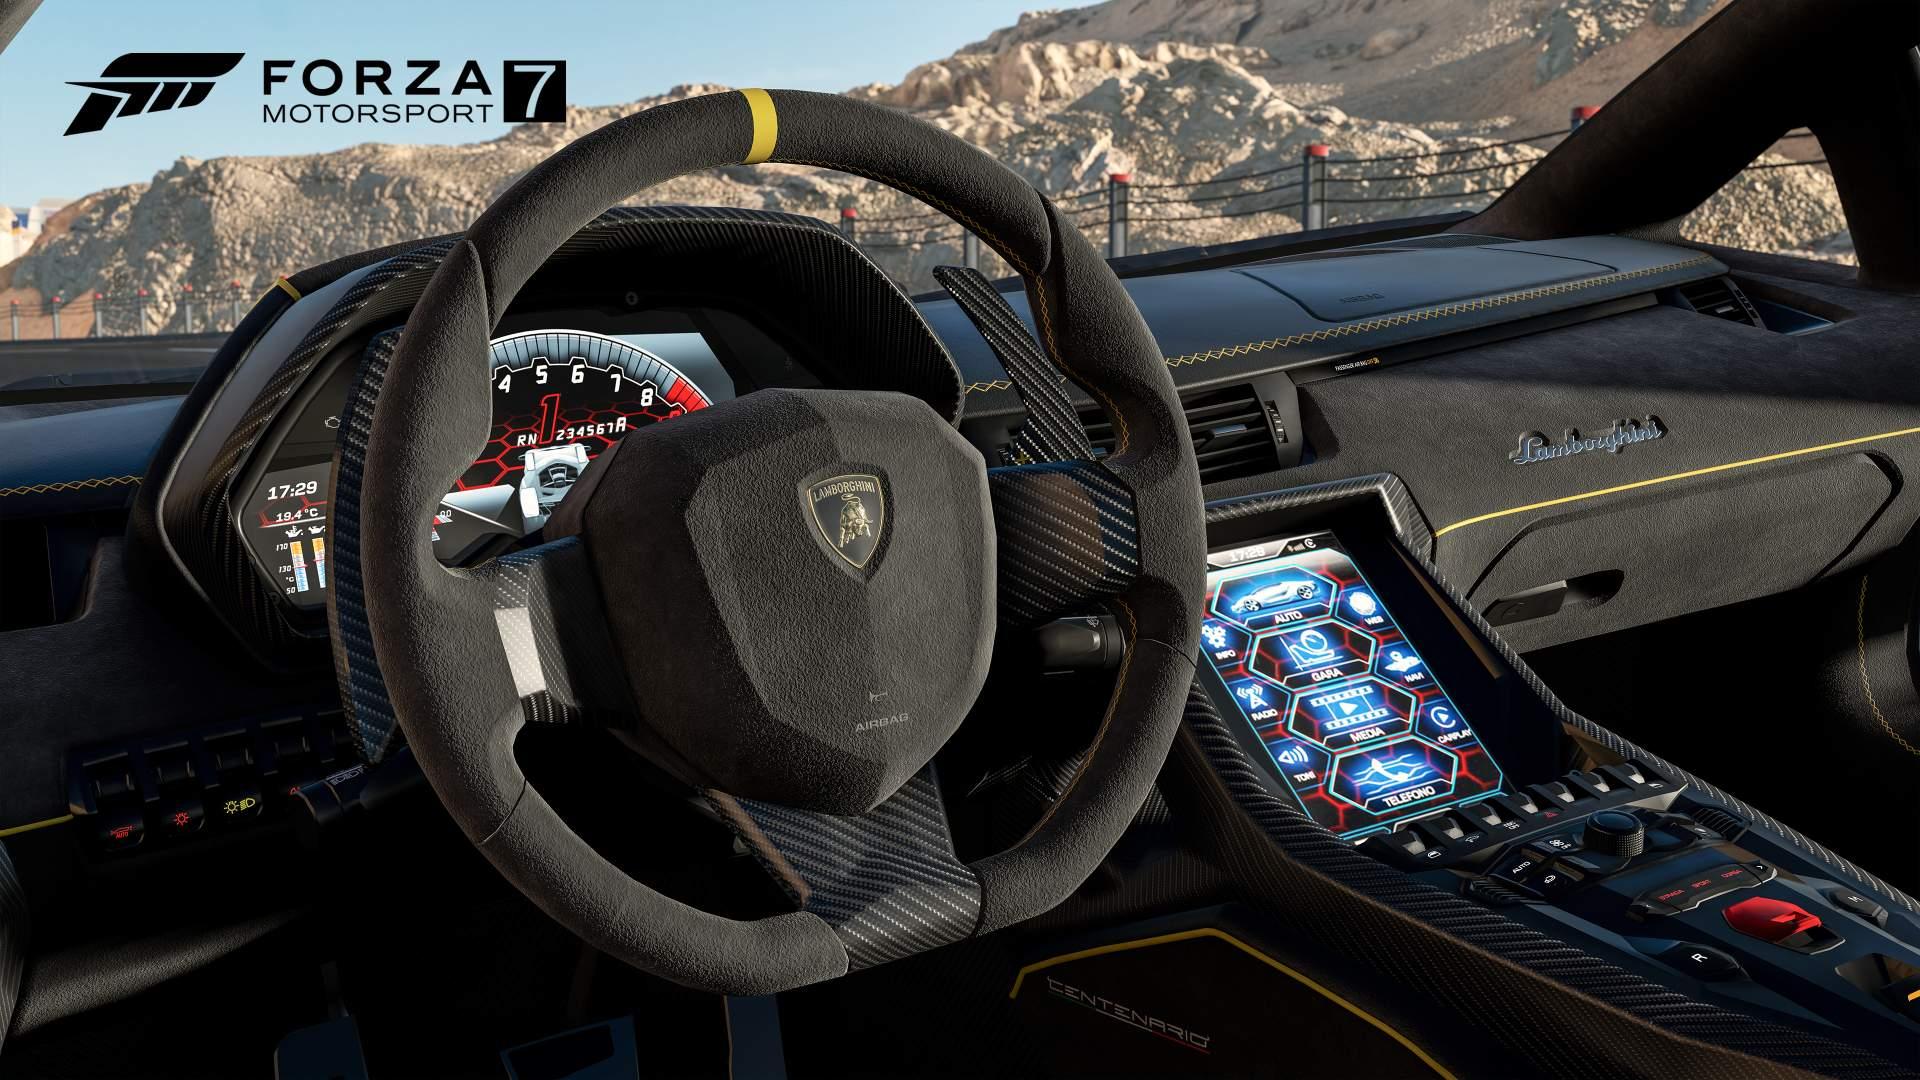 Ya est%C3%A1 disponible el demo oficial de Forza Motorsport 7 para PC